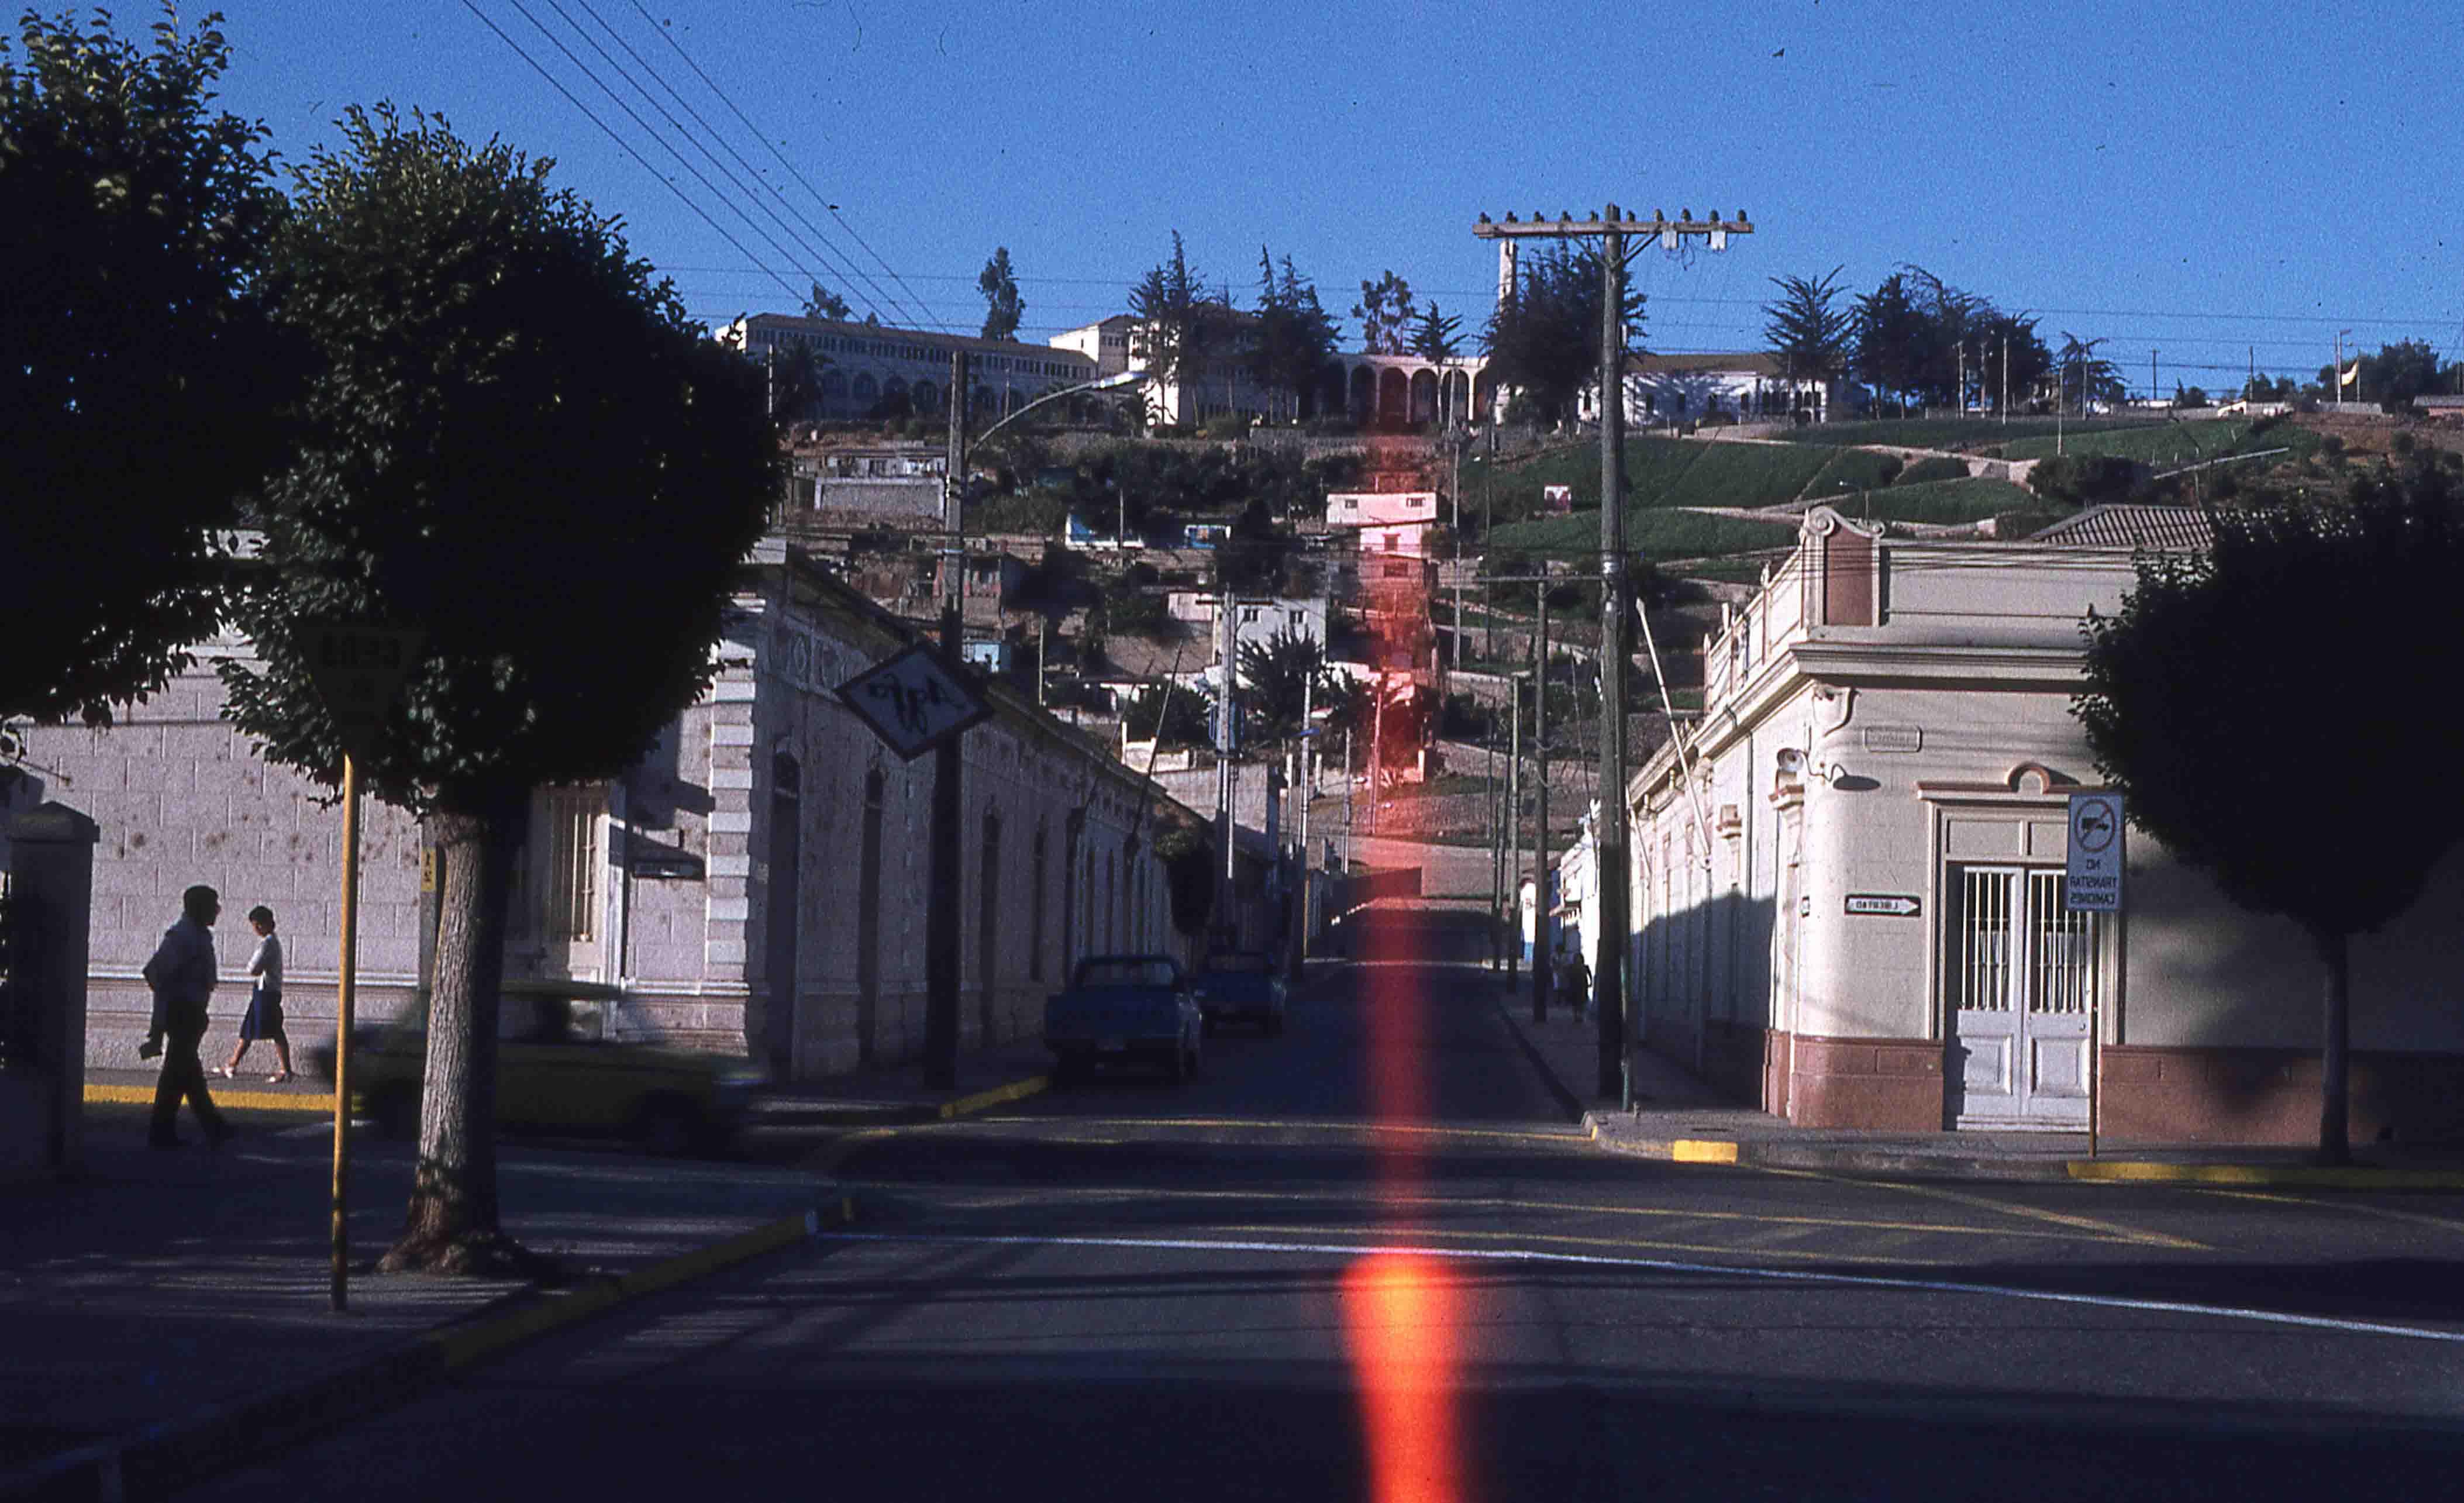 Enterreno - Fotos históricas de chile - fotos antiguas de Chile - Ovalle en los años 70s